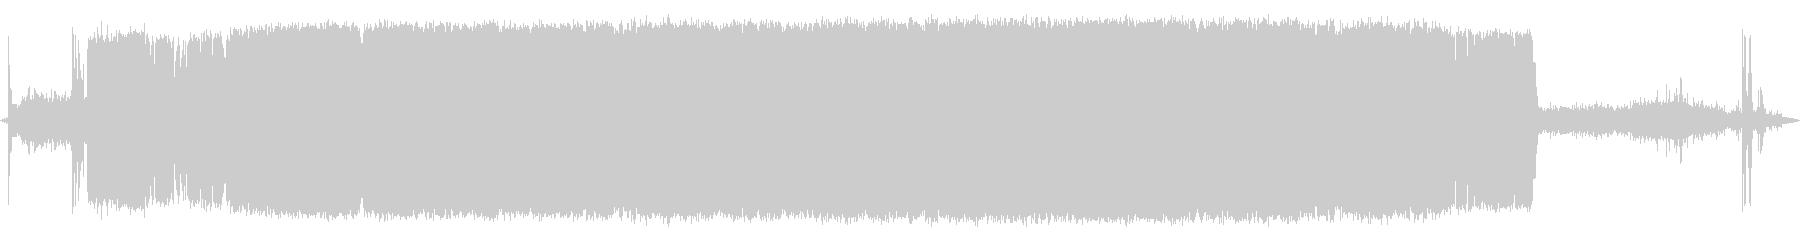 ツールバンドソーの未再生の波形